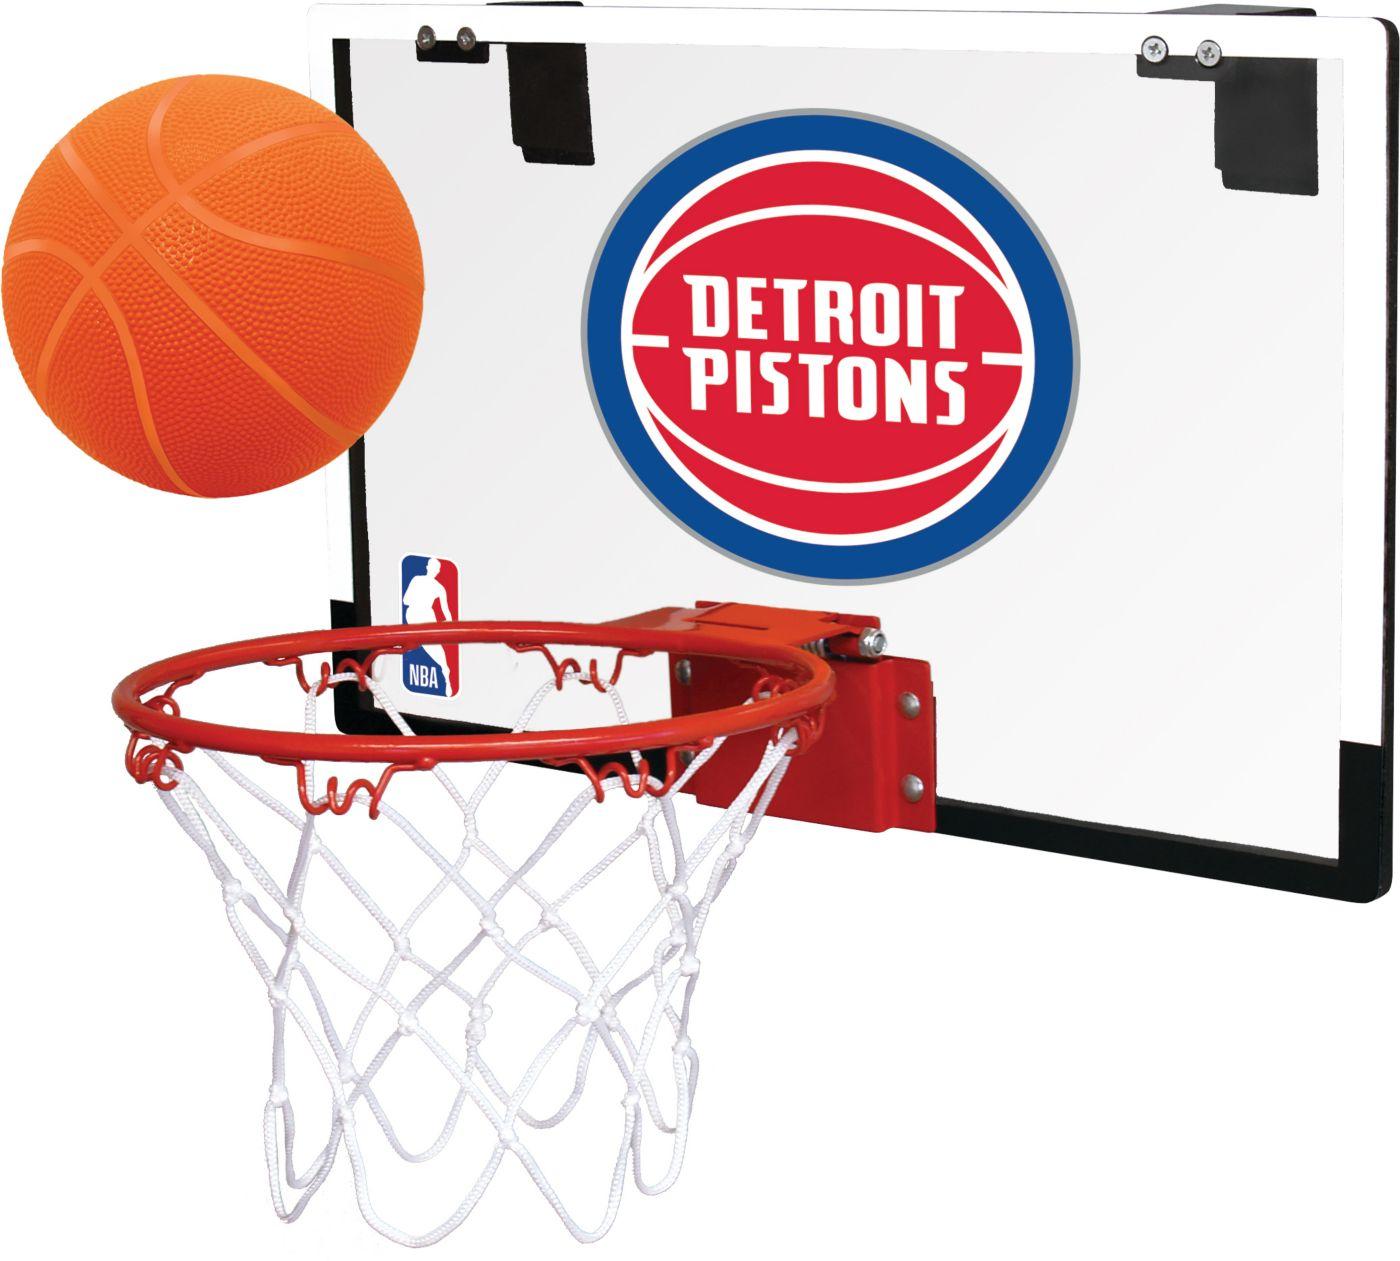 Rawlings Detroit Pistons Polycarbonate Hoop Set